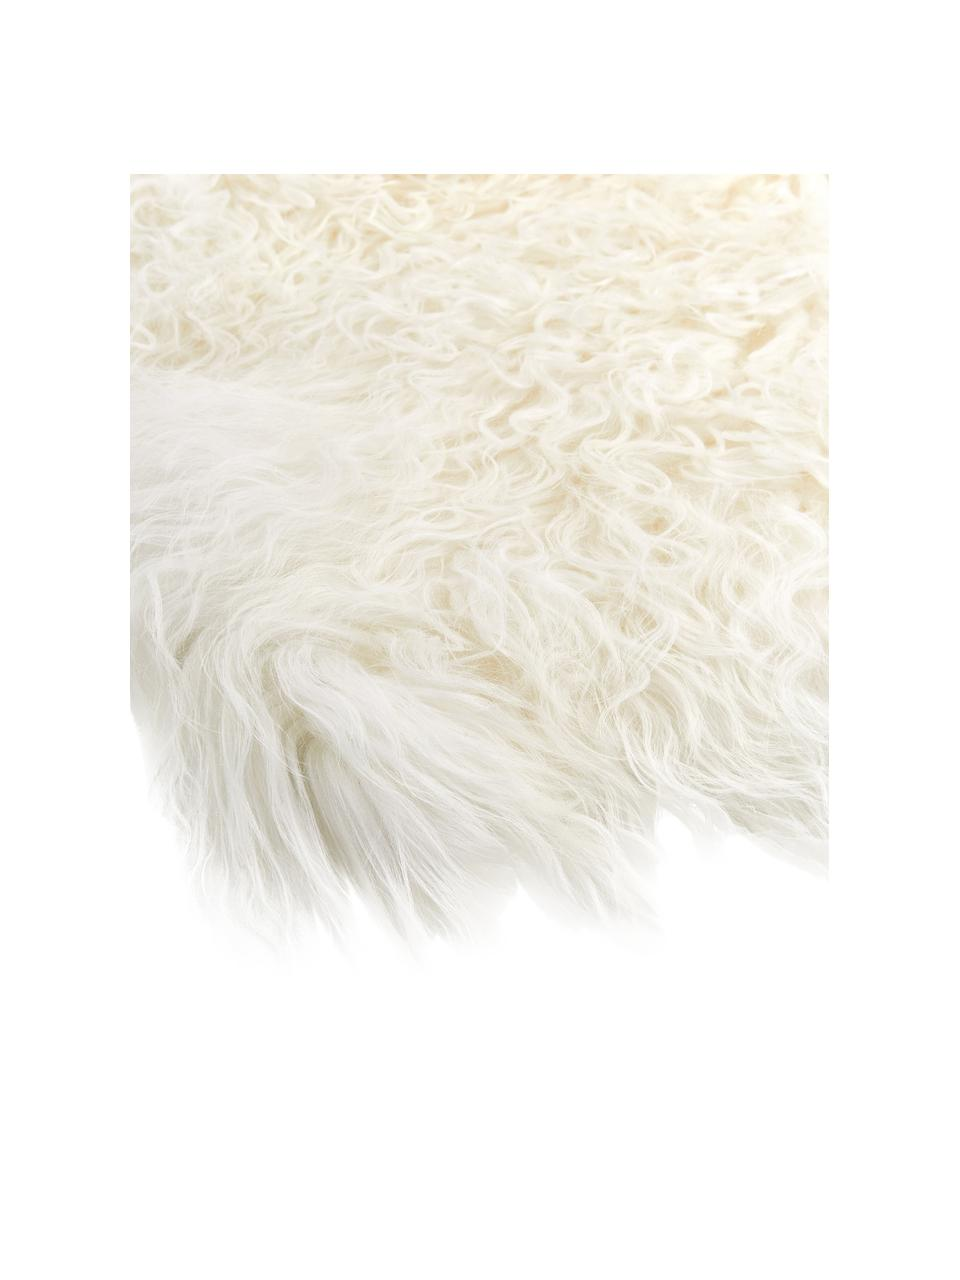 Langhaar-Lammfell Ella, gelockt, Vorderseite: 100% mongolisches Lammfel, Rückseite: 100% Leder, Weiß, 50 x 80 cm